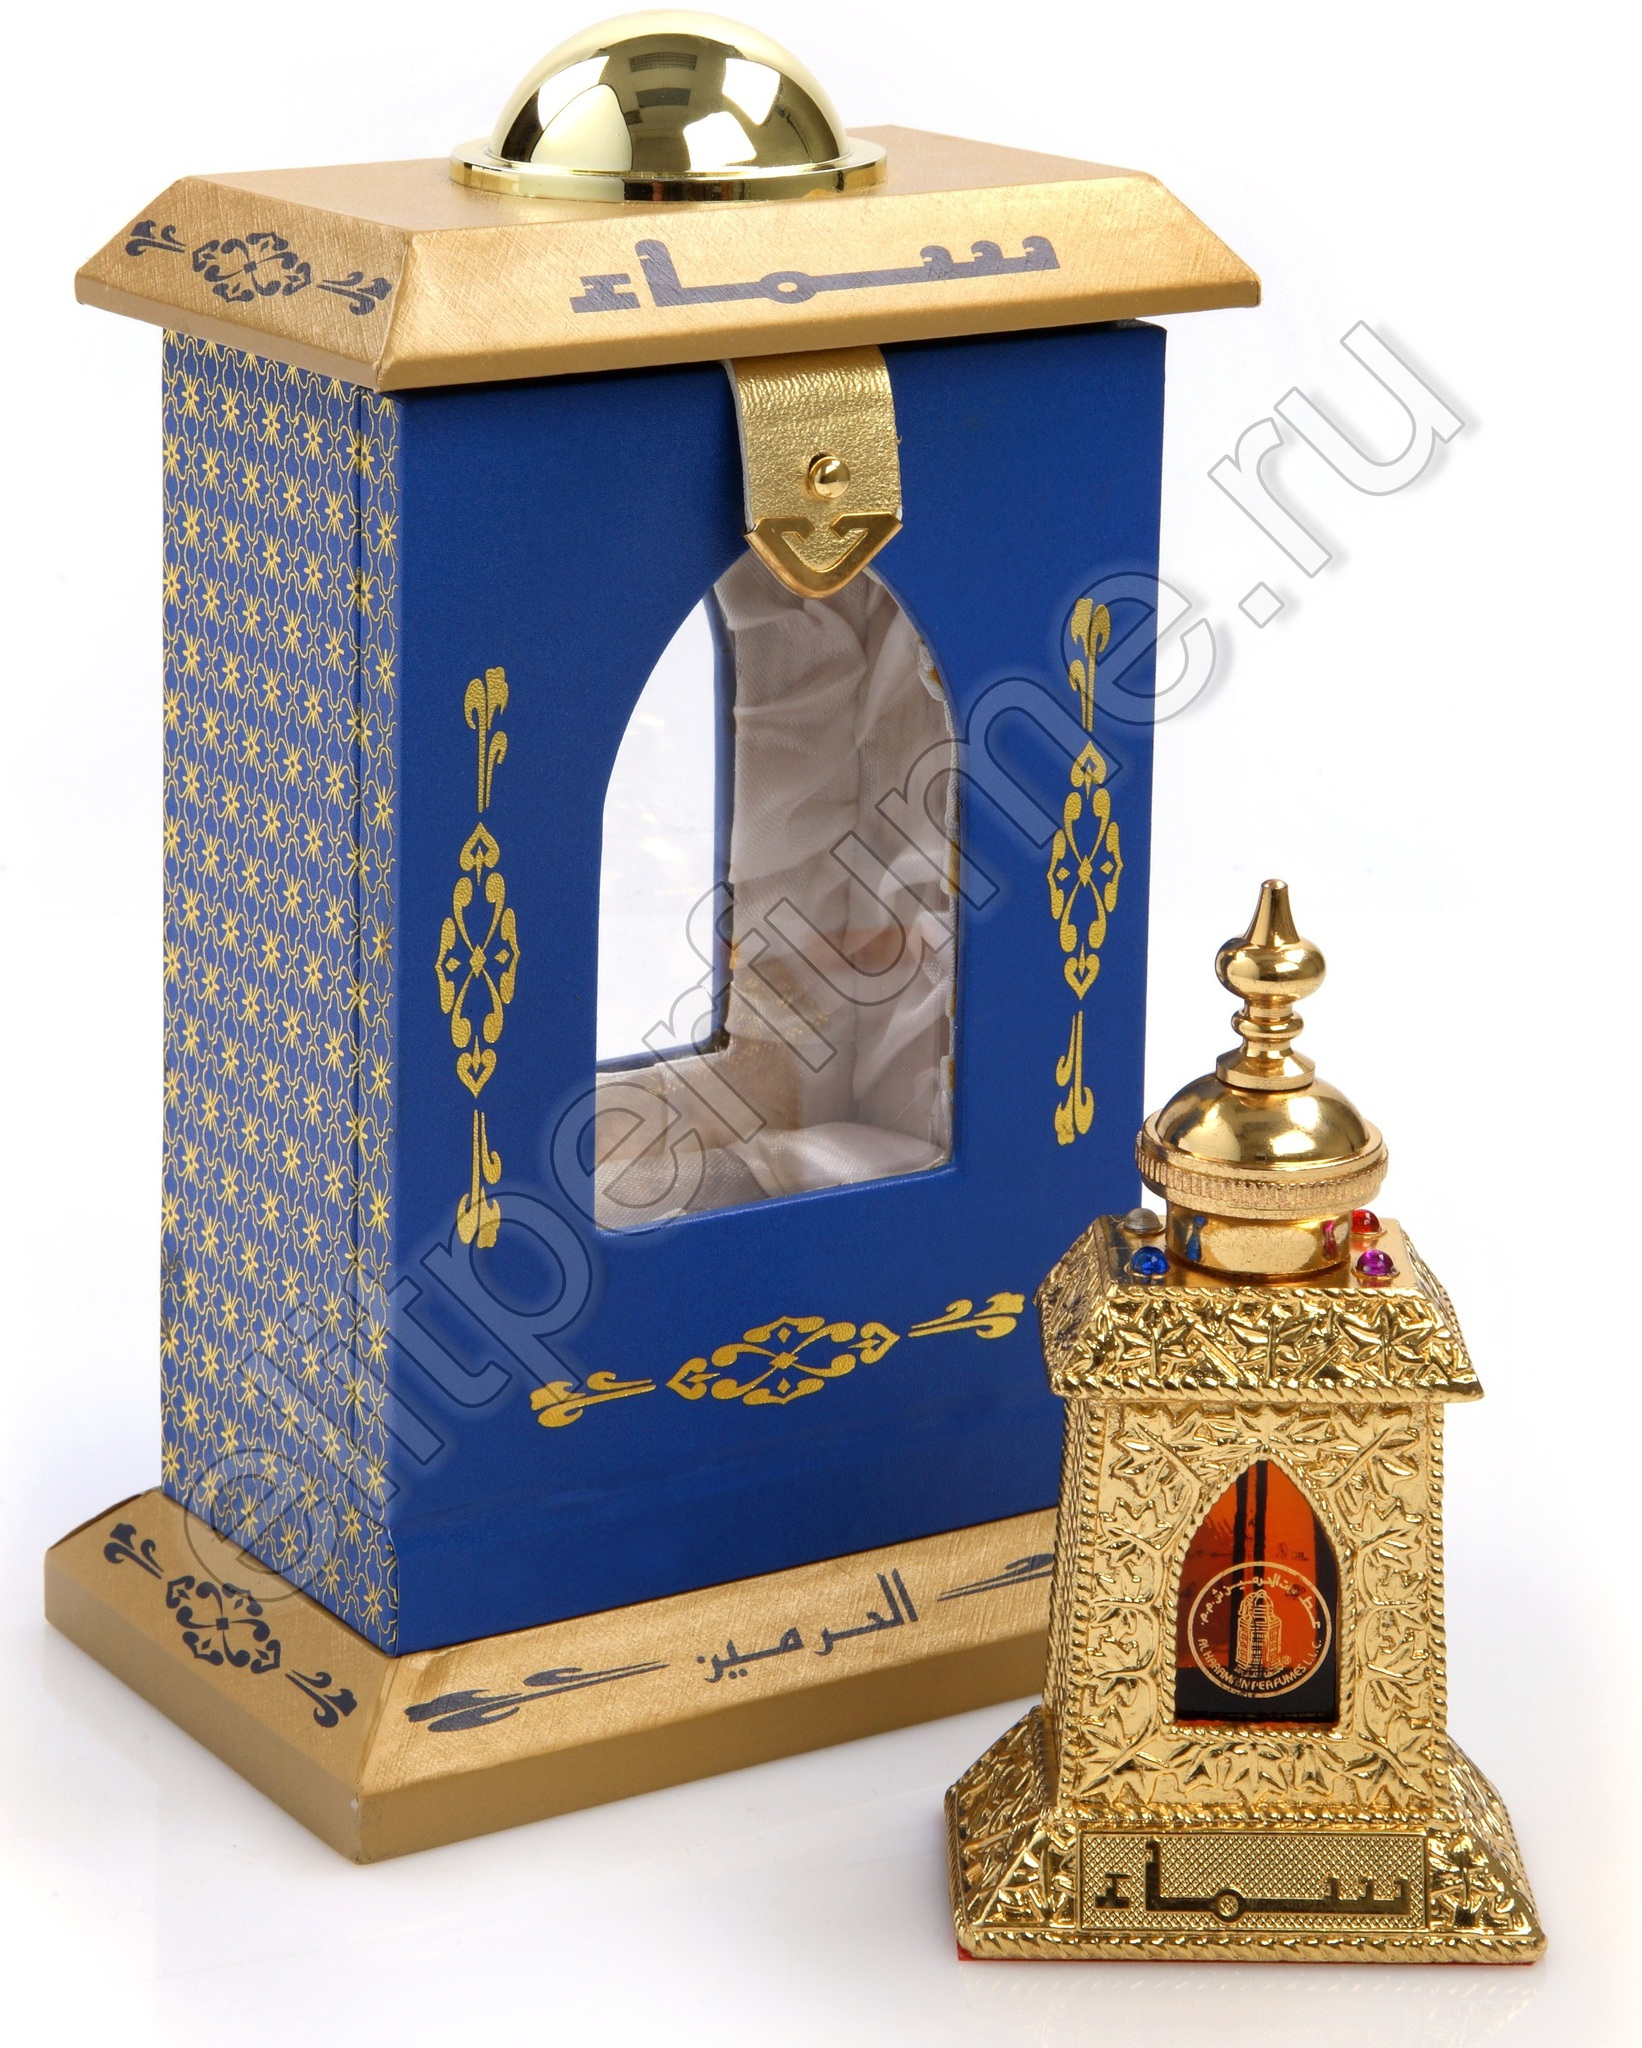 Элитные арабские духи Сема Sama 20 мл арабские масляные духи от Аль Харамайн Al Haramain Perfumes